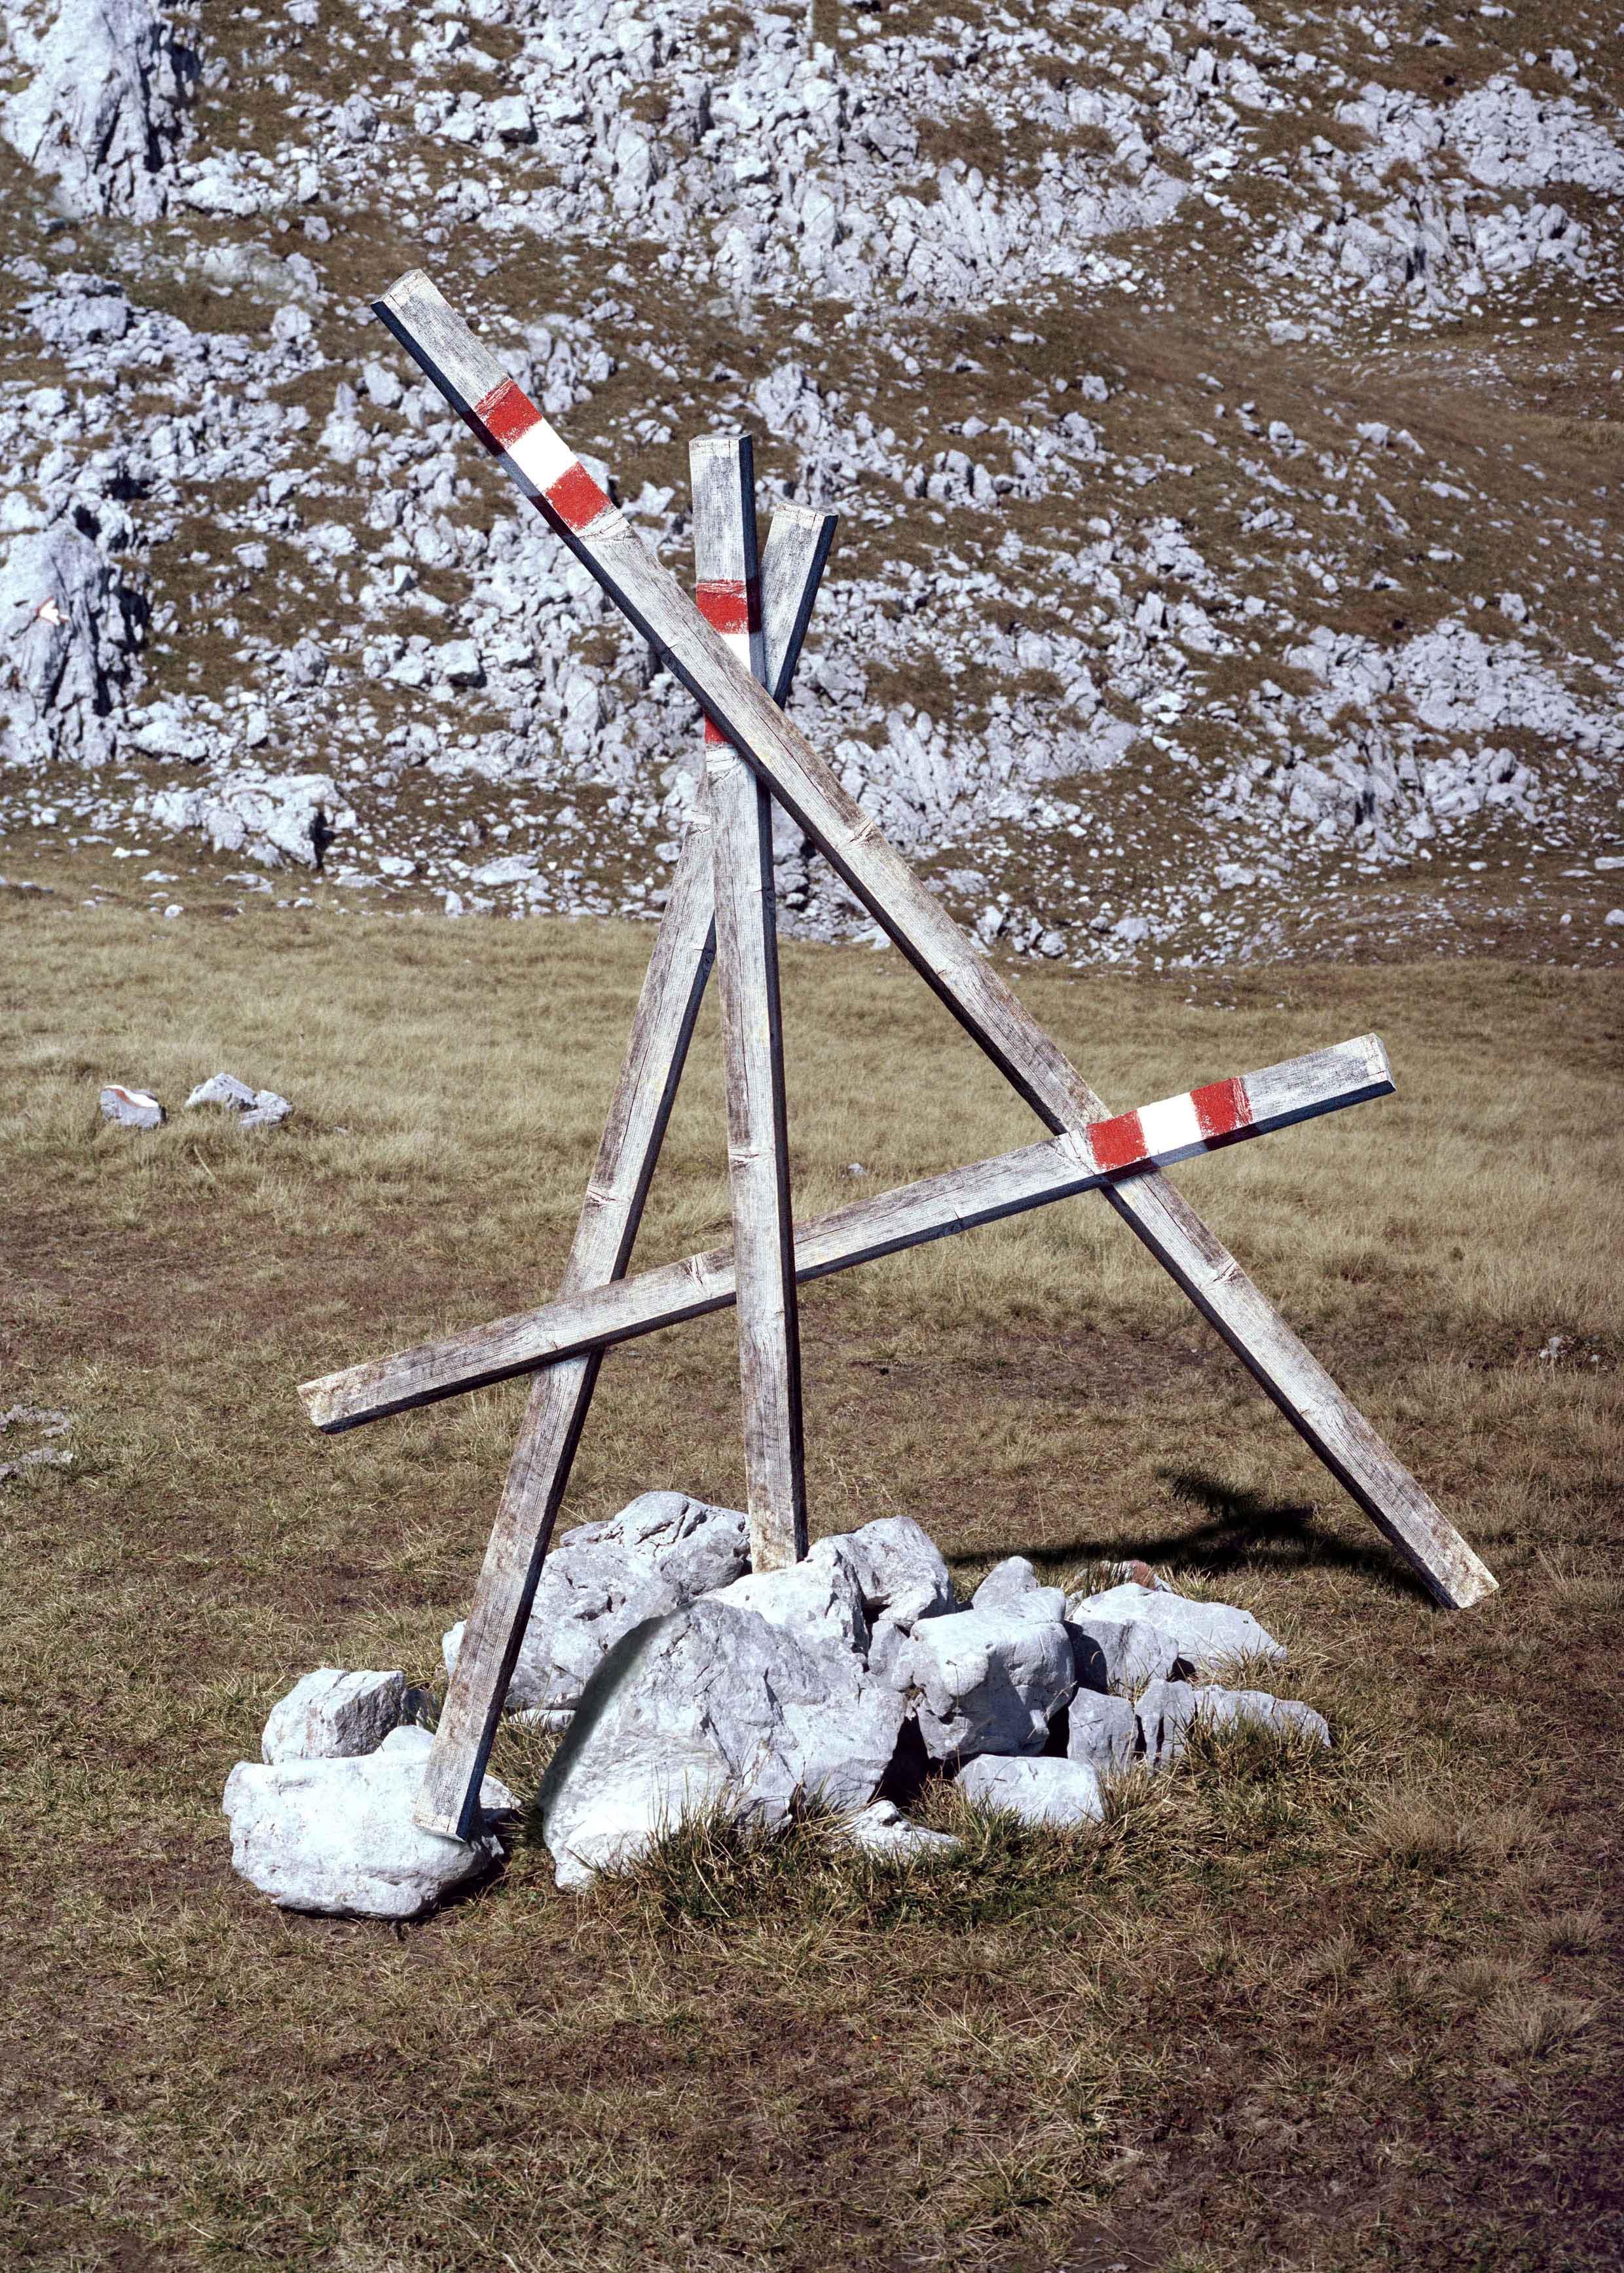 托马斯·阿尔布多夫,《跟踪路径》【4】,《我知道我会在已经看到的东西里看到什么》系列,2015。(《在地球上》展览)。